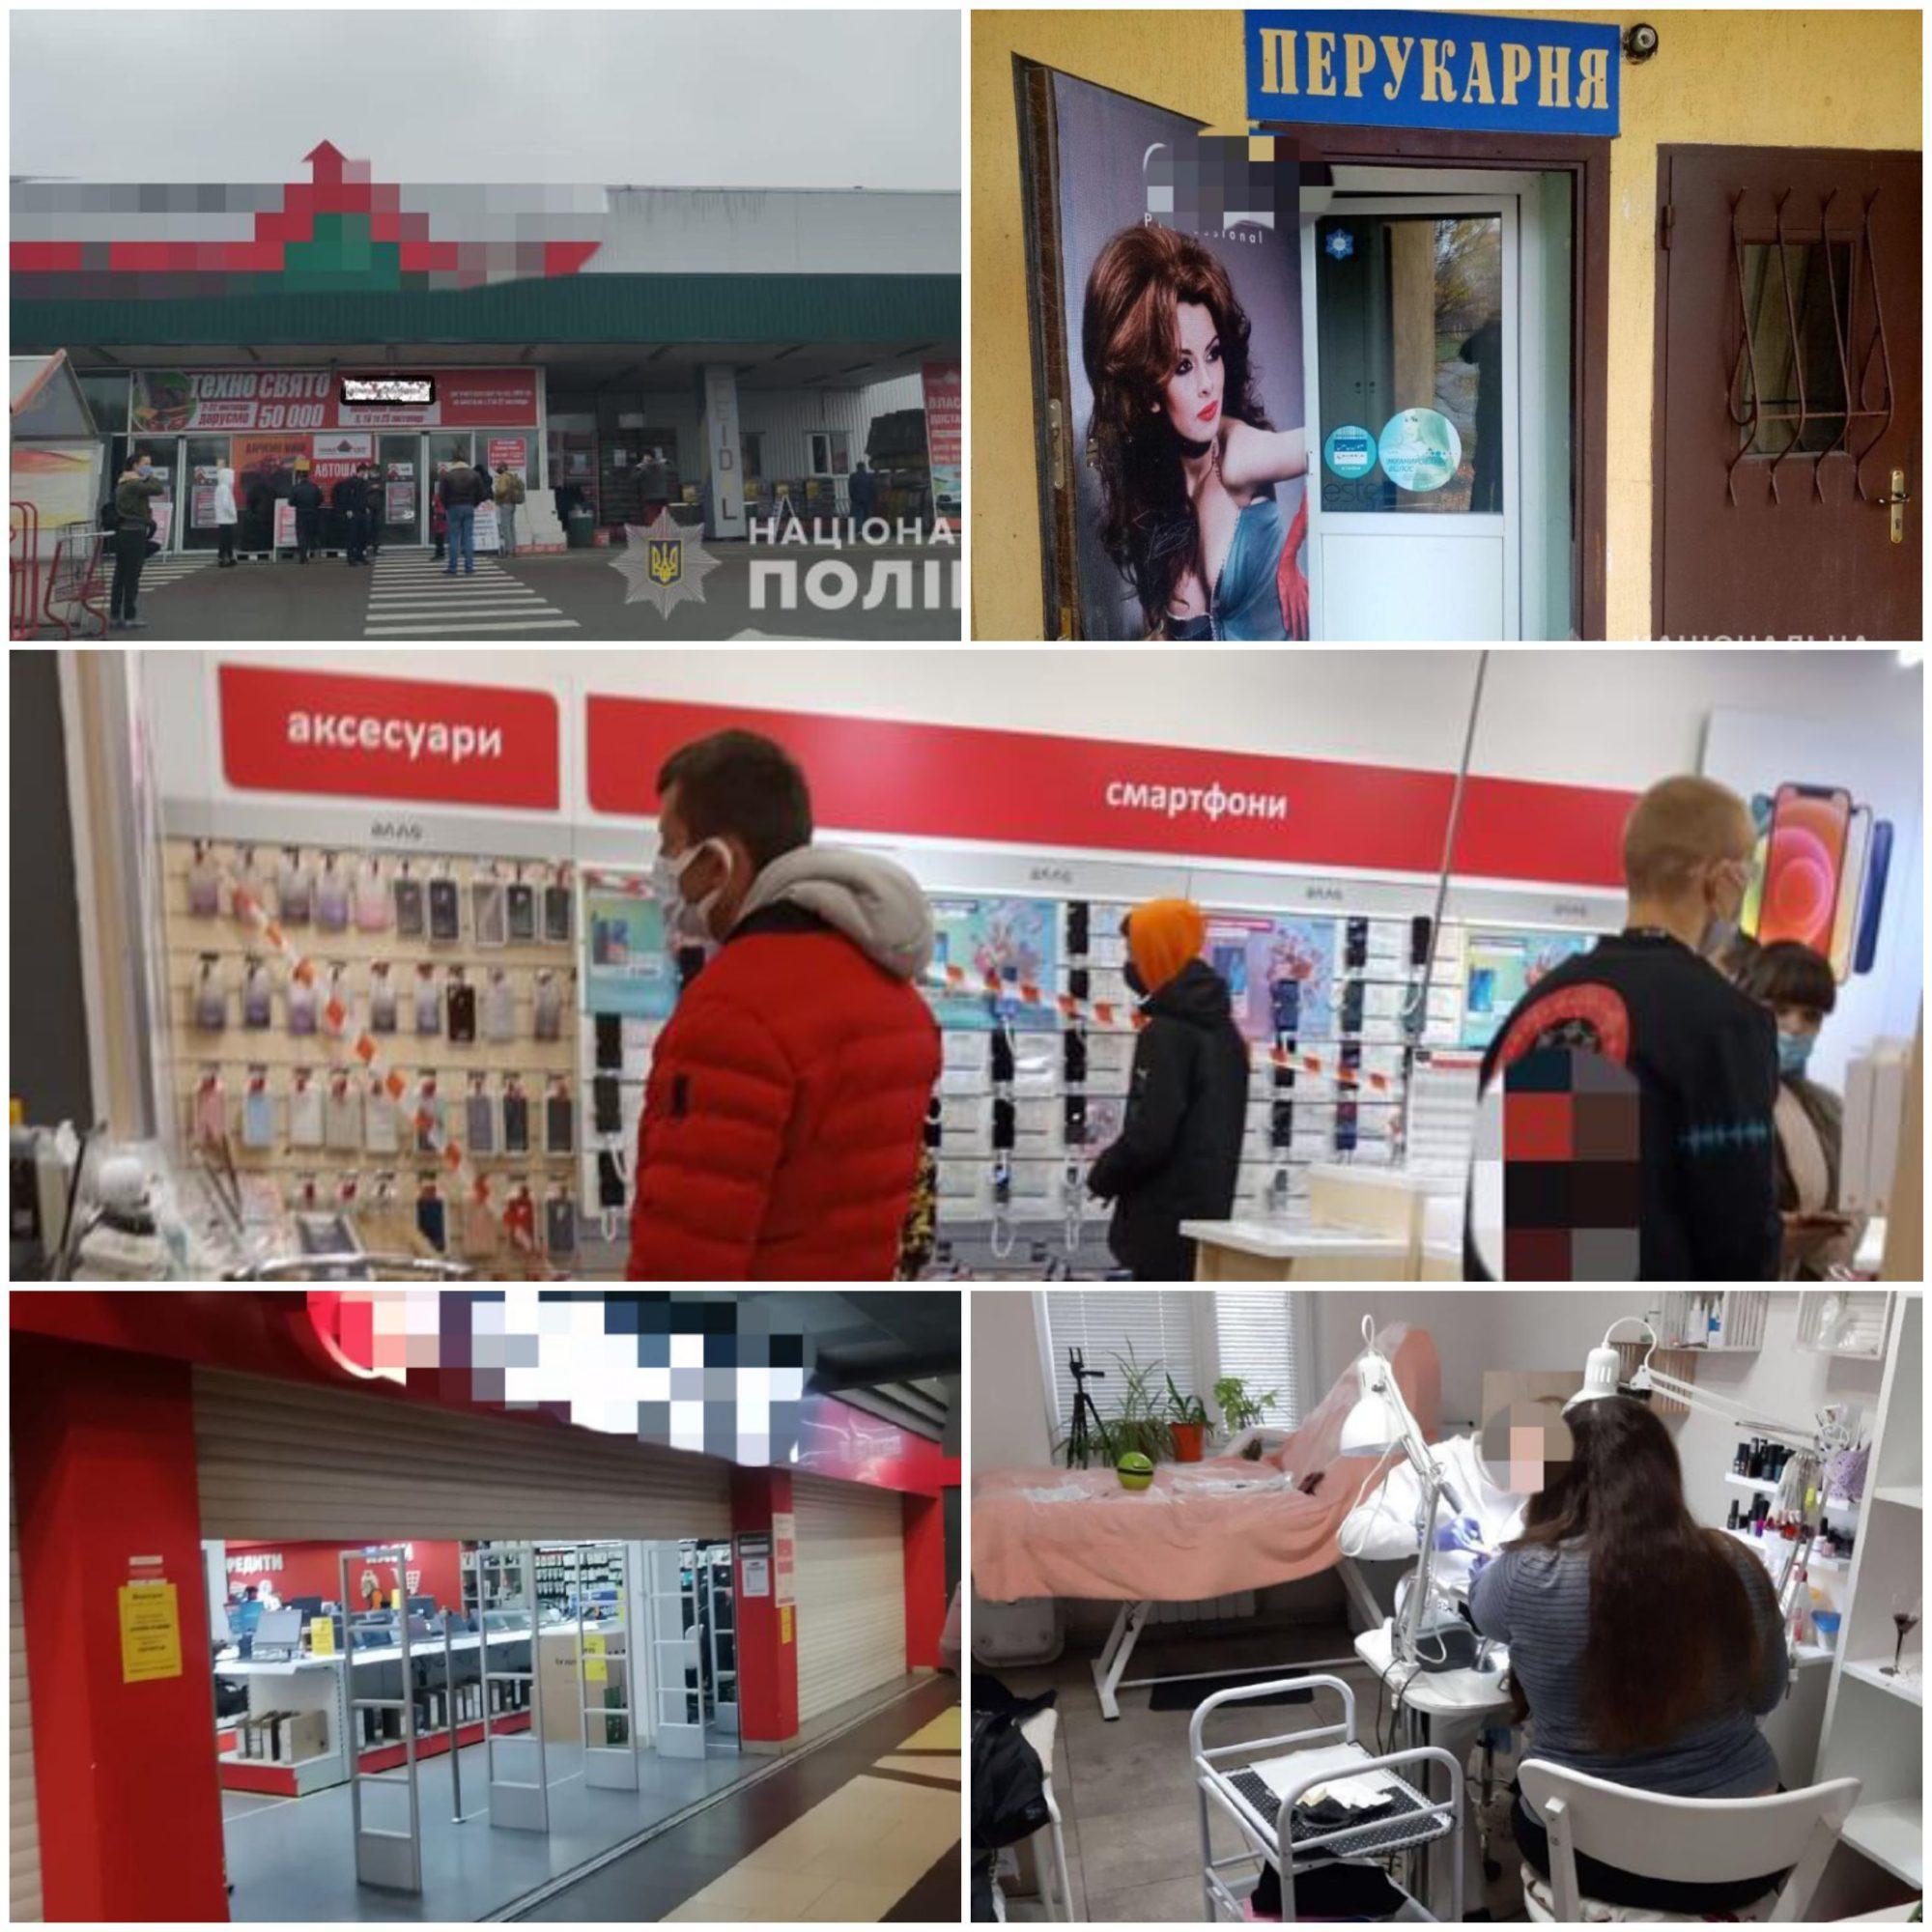 Магазини, маршрутки, перукарні: за добу на Київщині зафіксували 85 порушень карантину -  - 20201115 121343 2000x2000